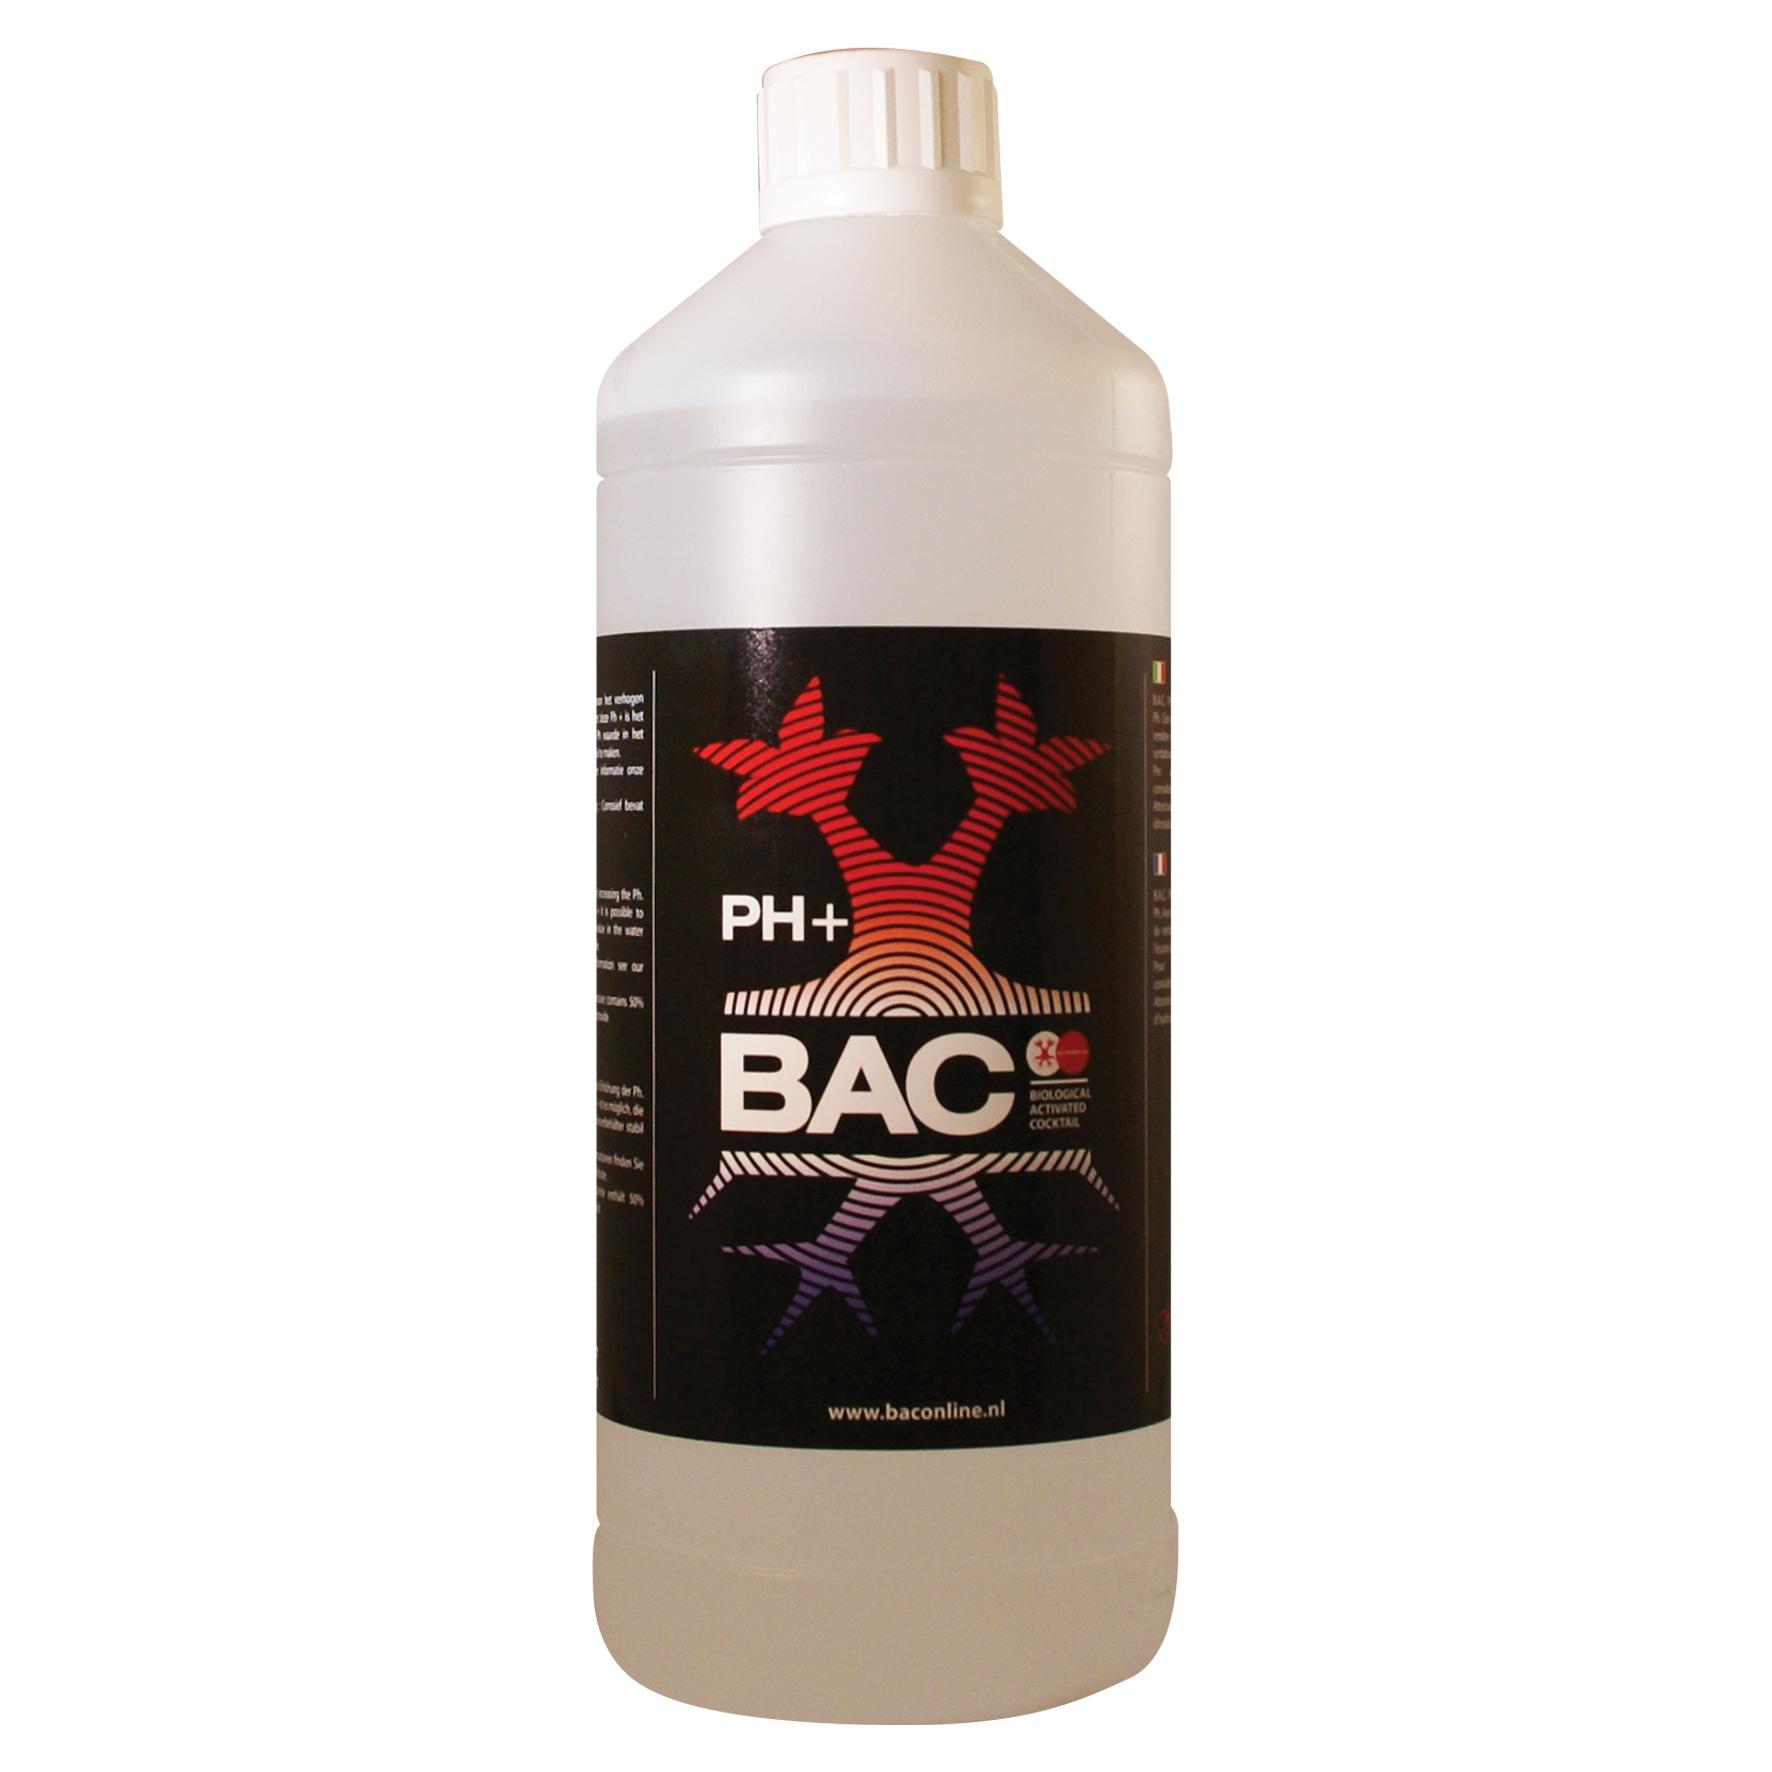 B.A.C. - Ph+ для повышения уровня кислотности